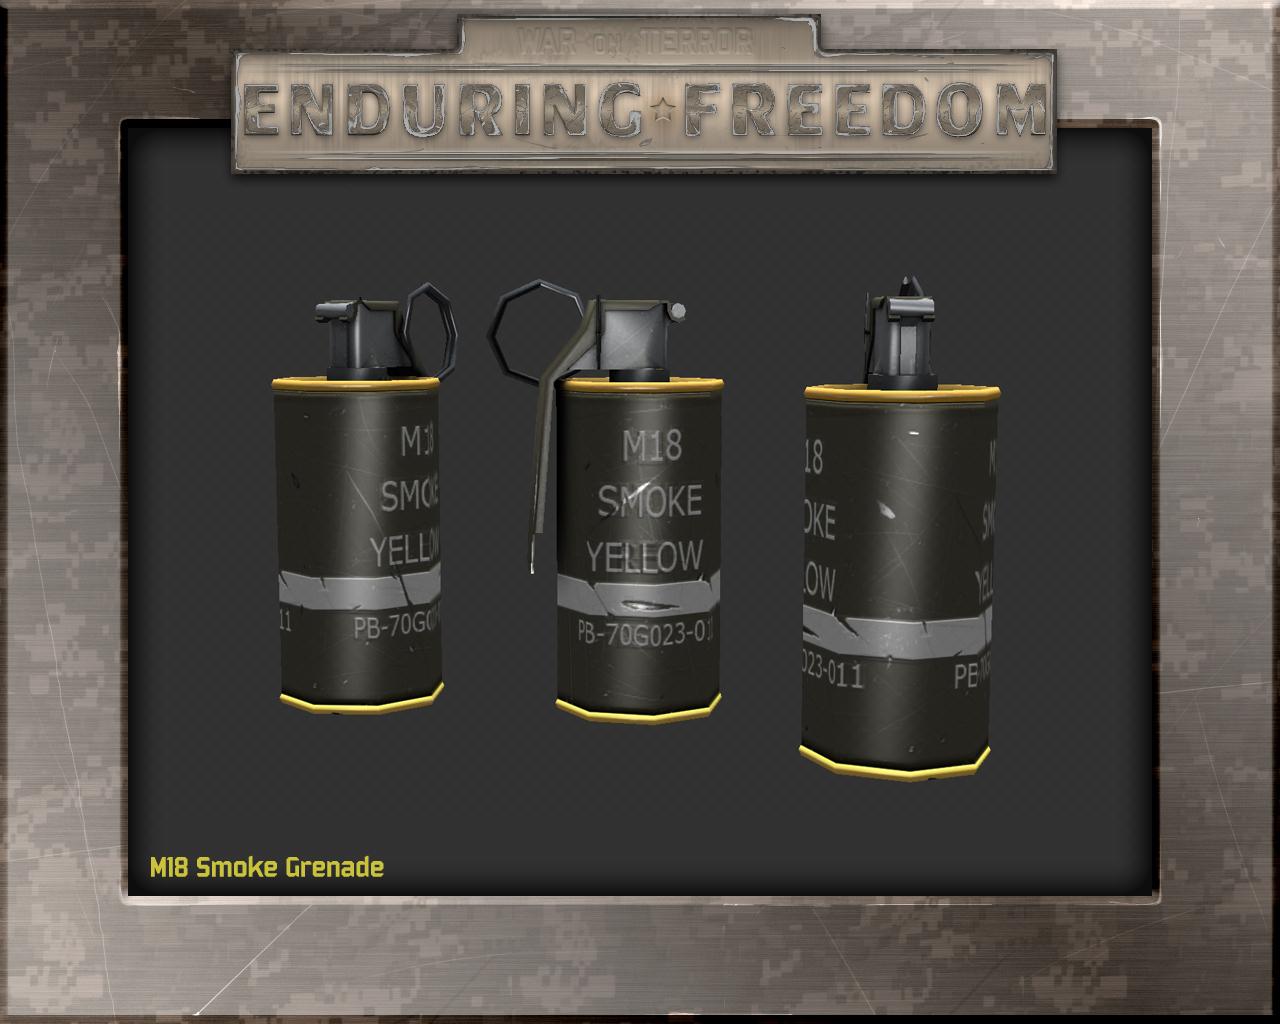 M18 Smoke Grenade image - Enduring Freedom - War on Terror